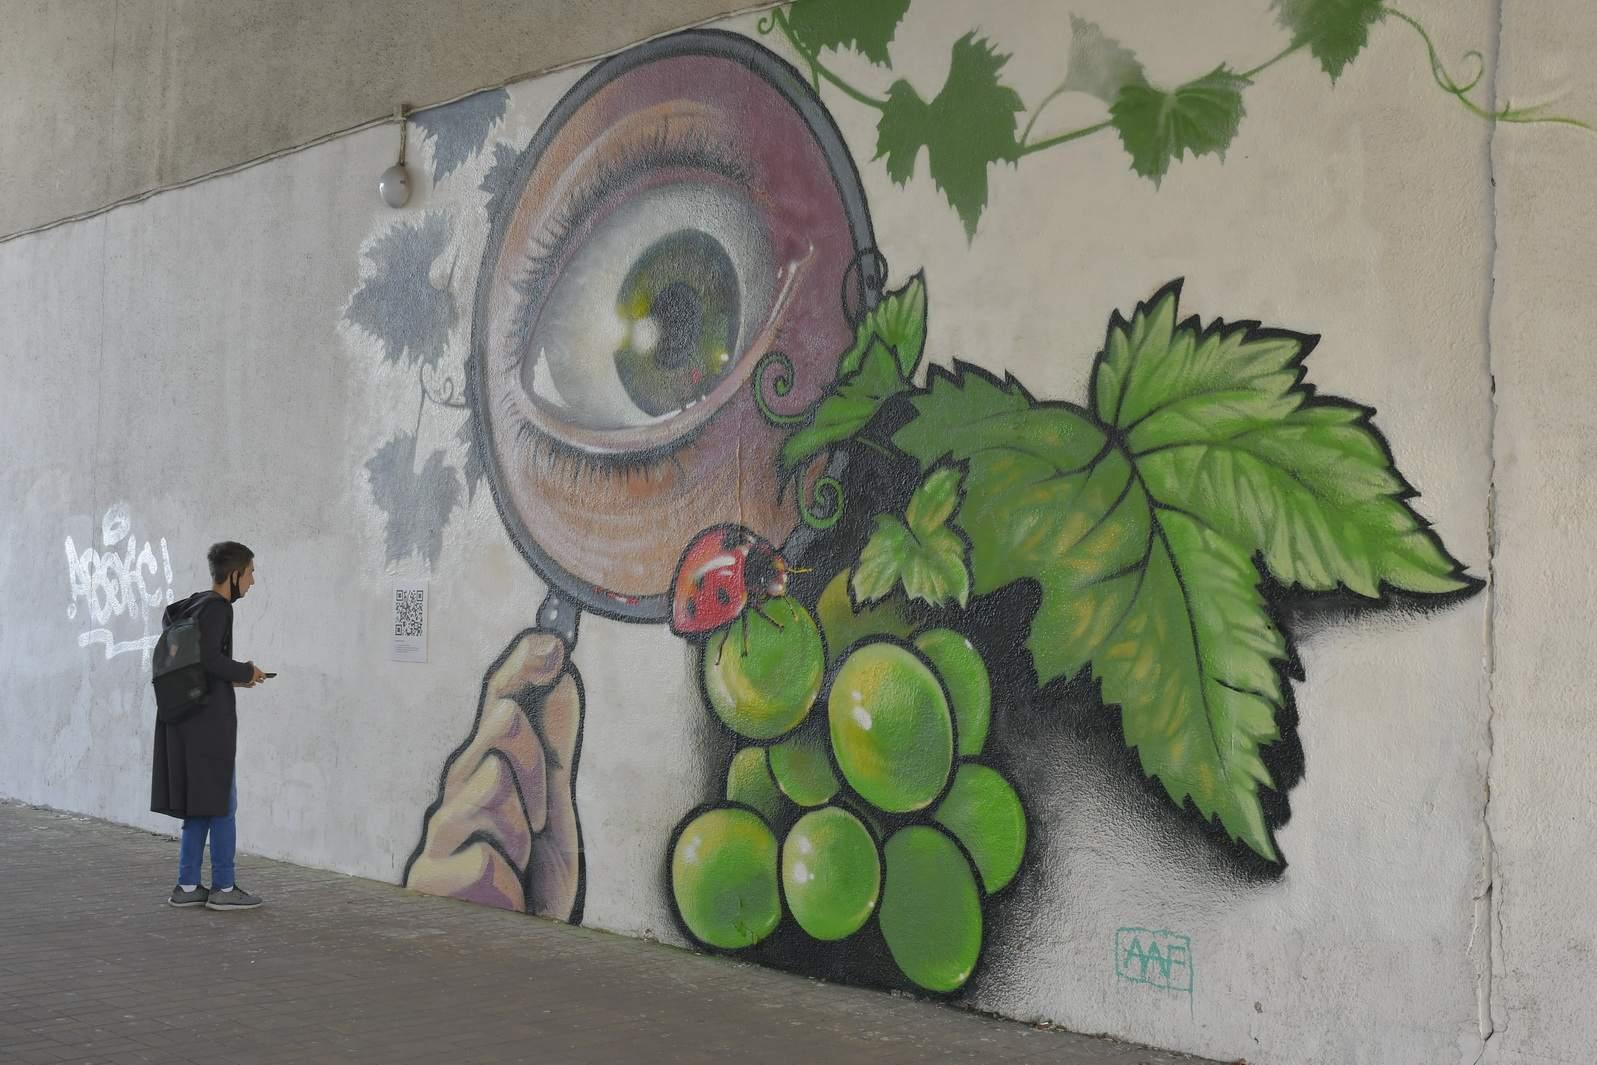 В Новороссийске появились оживающие граффити с отсылкой на военные годы